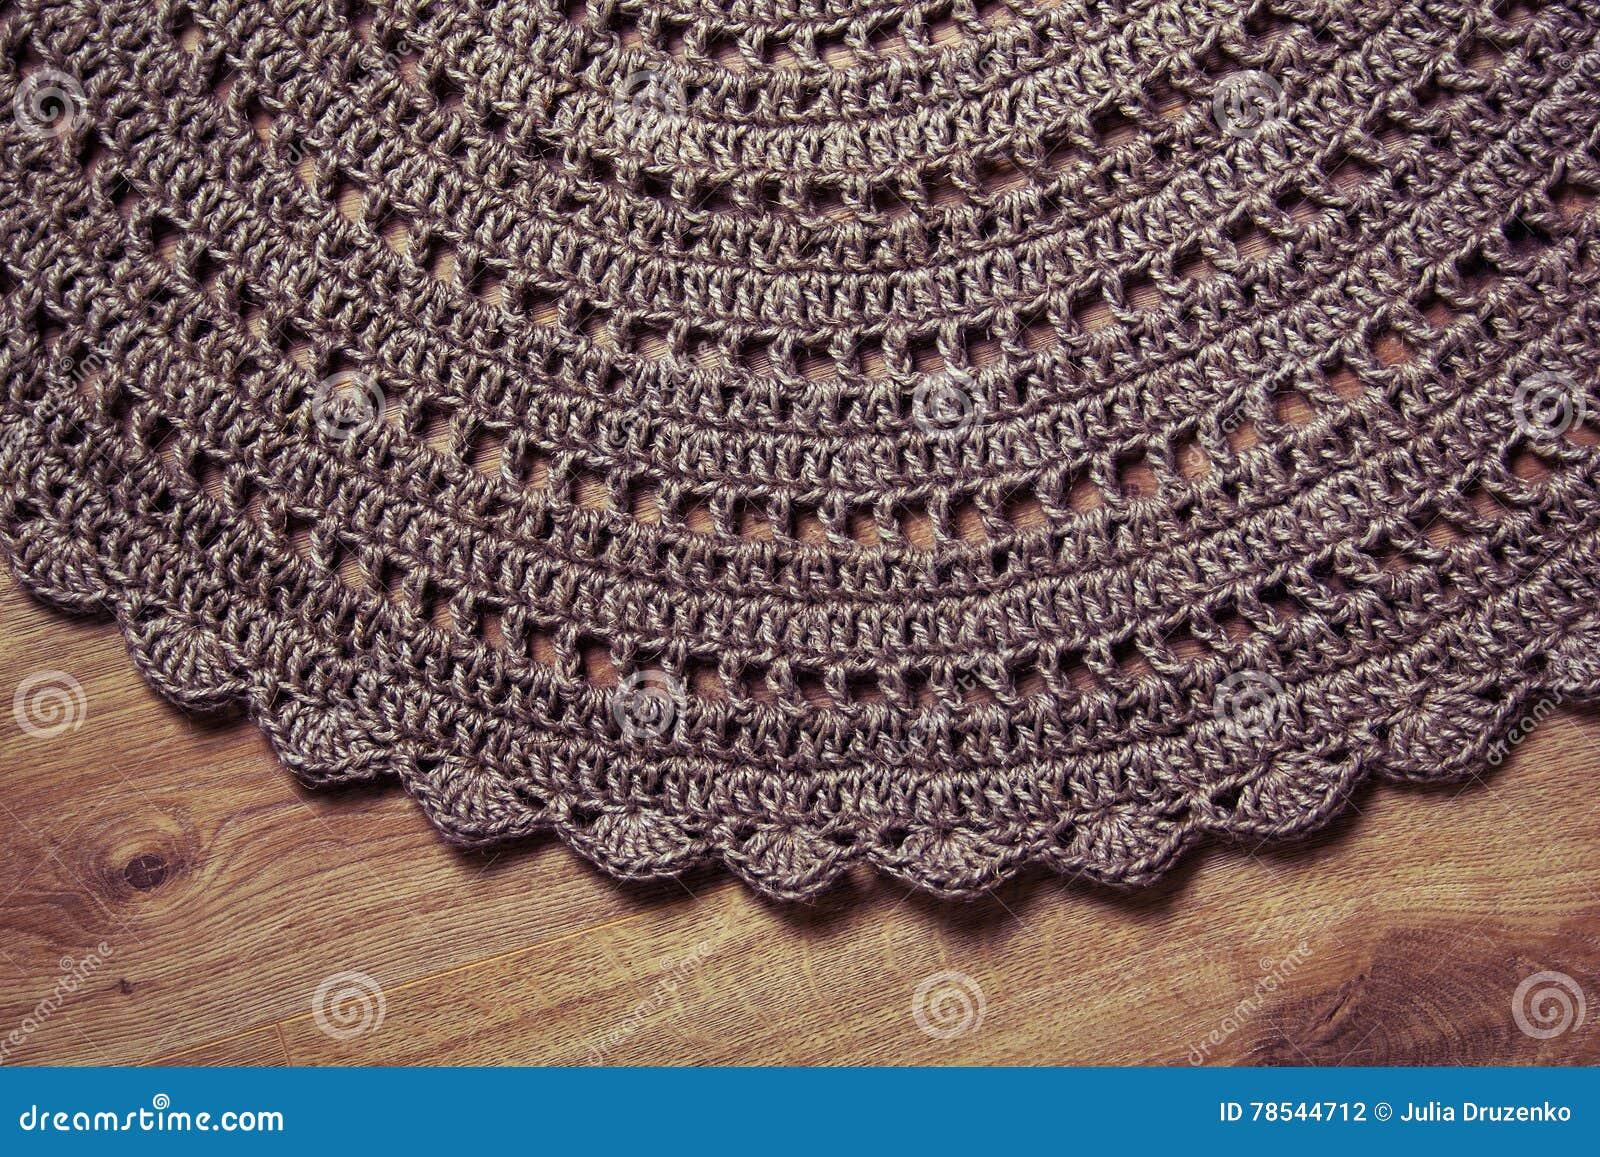 Tappeto Ovale Alluncinetto : Tappeti all uncinetto. elegant open zoom casafacile tappeto